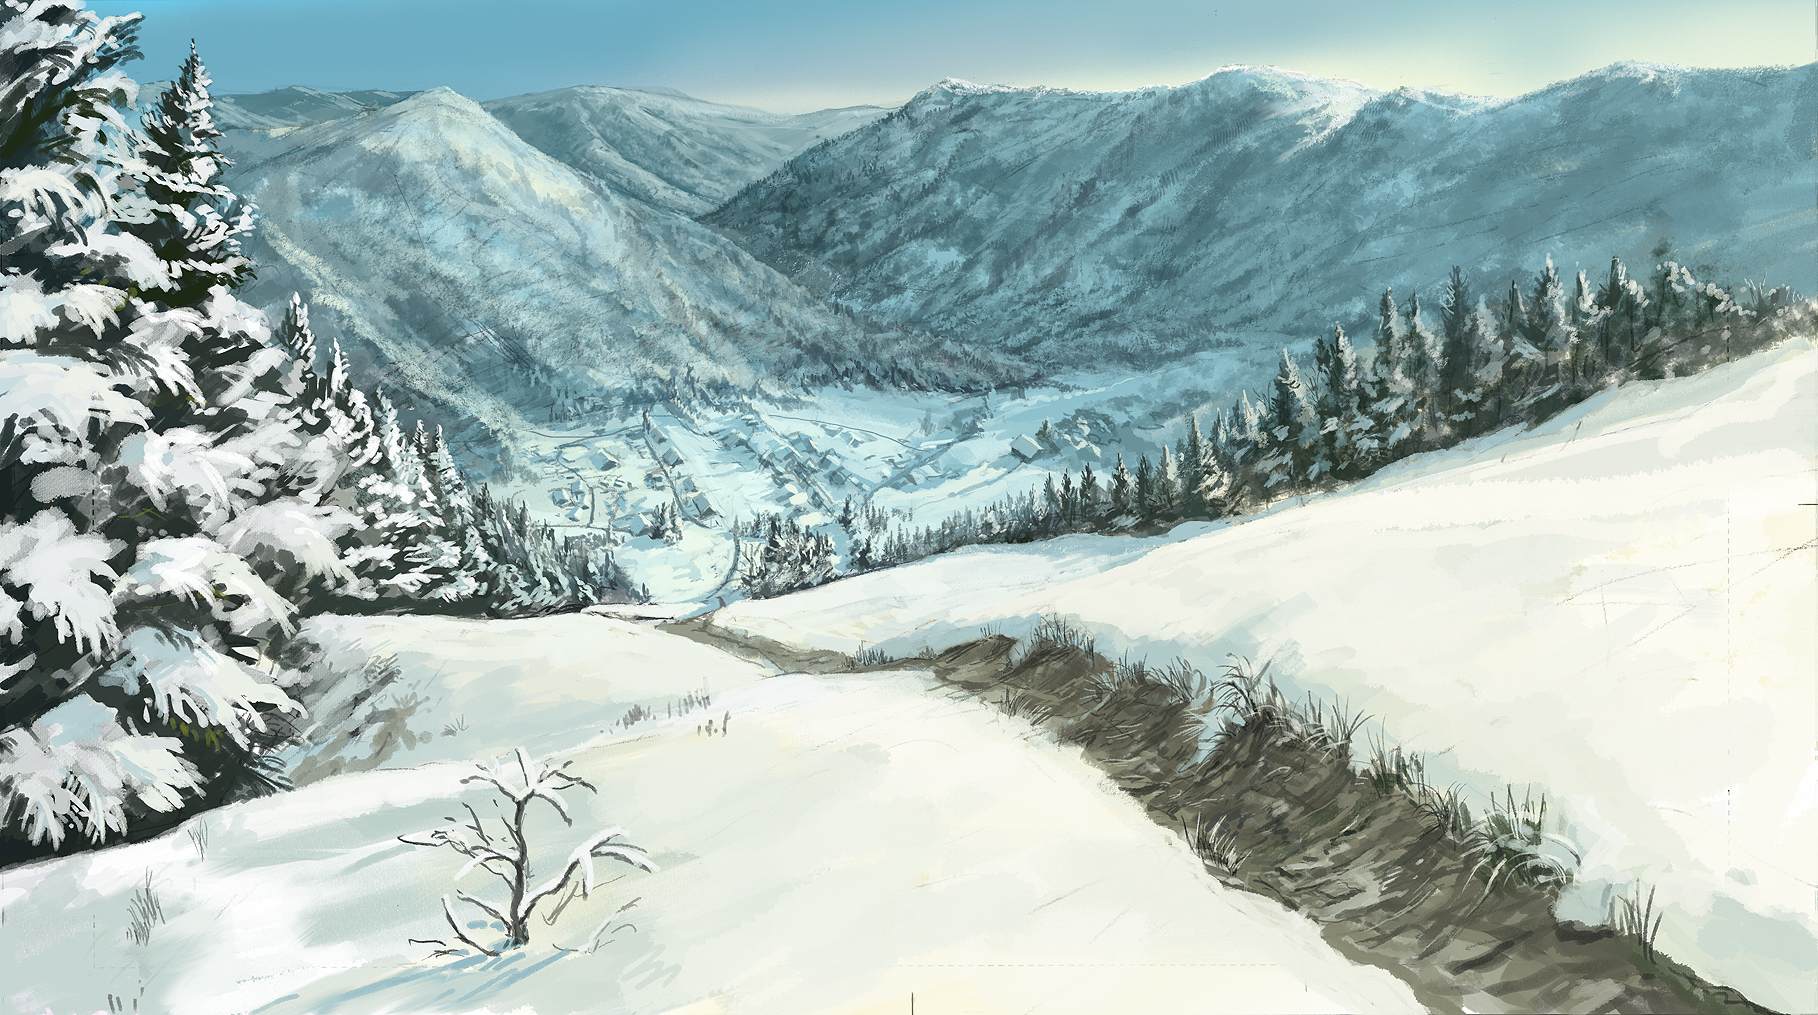 Forest Landscape Original Scenic Snow Youshimizu Animeflow